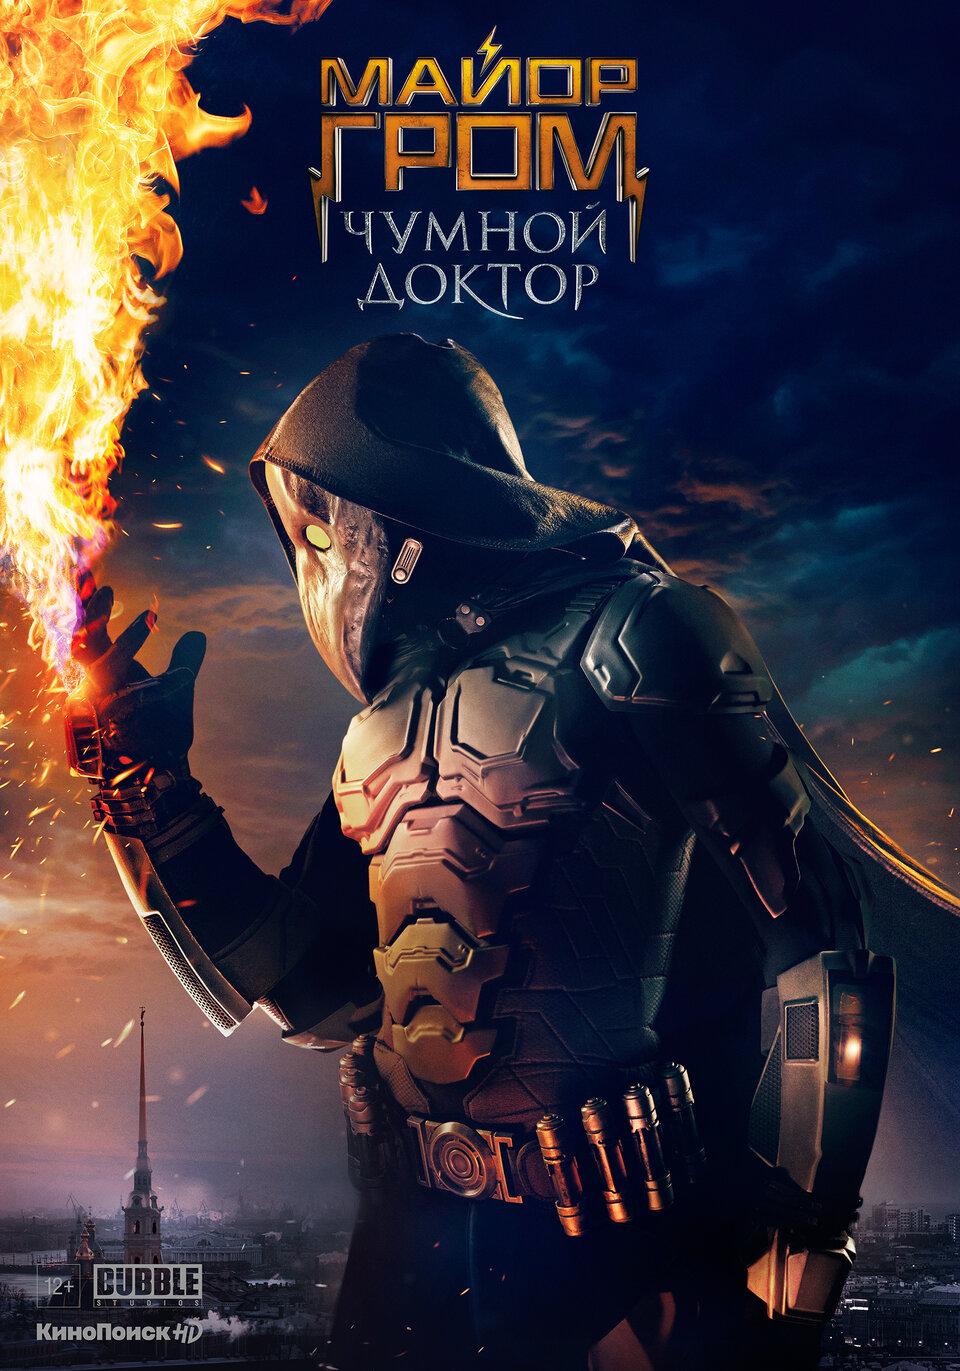 Постер майора грома